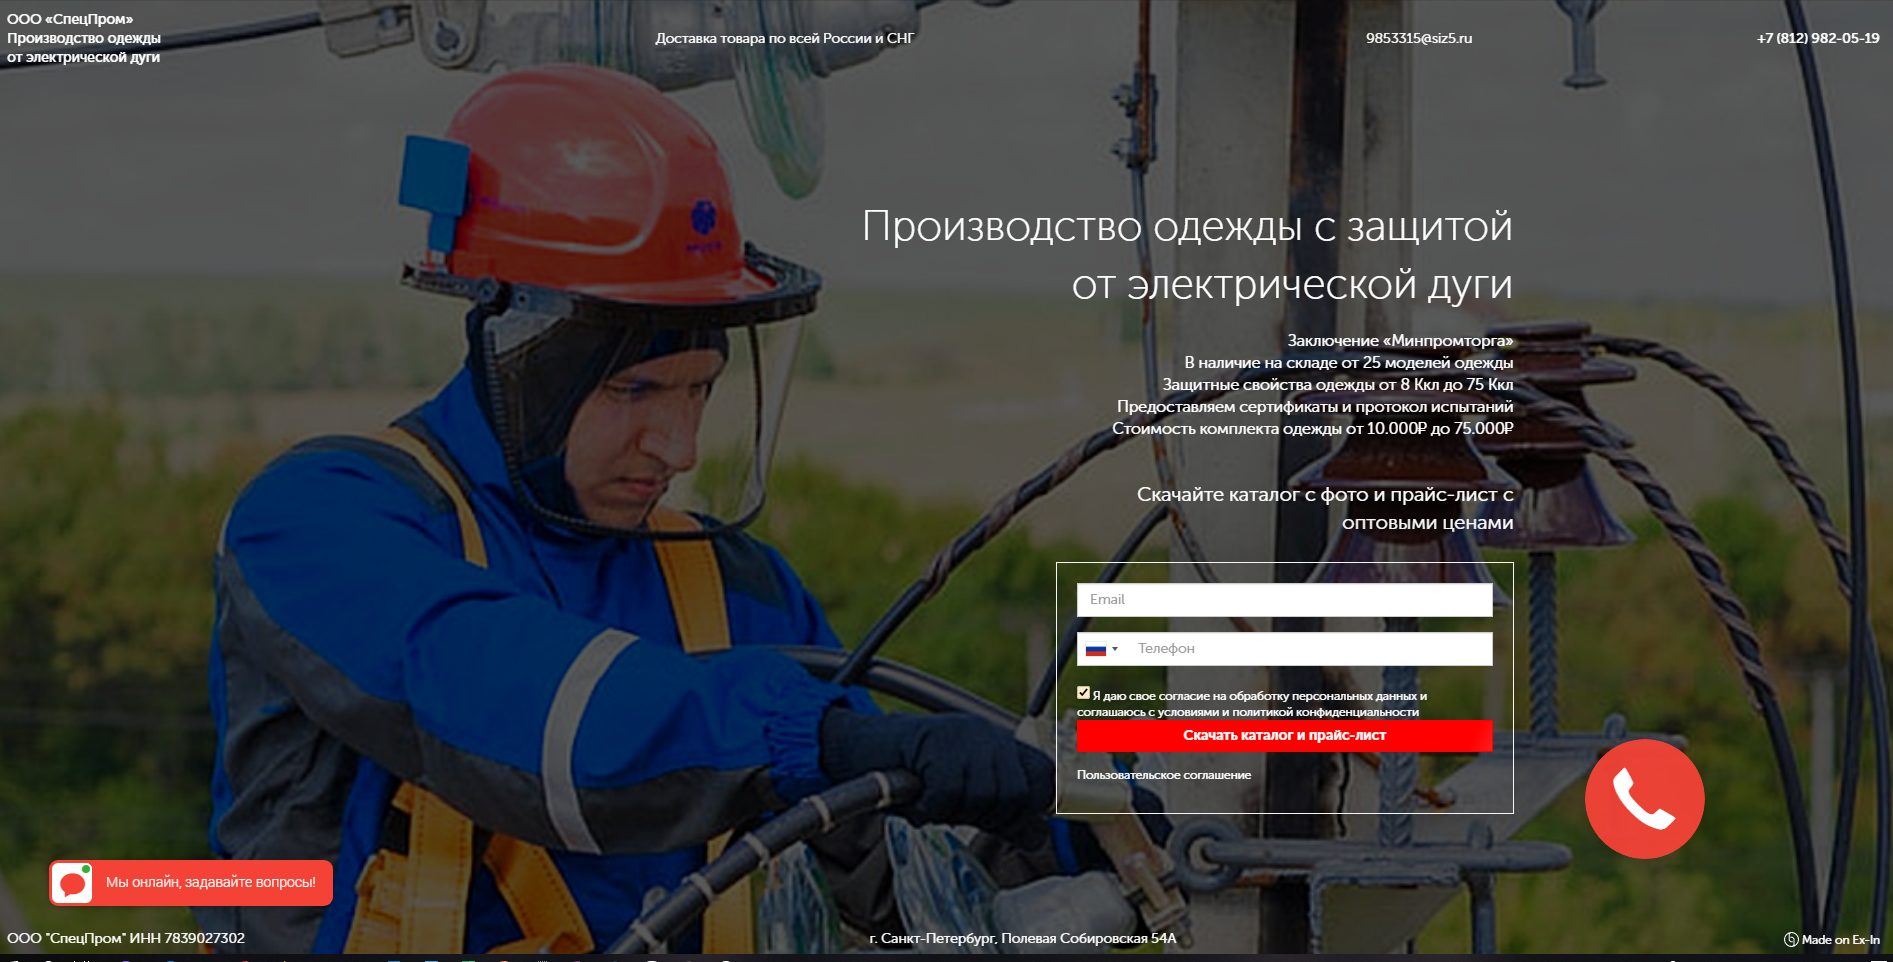 Одежда с защитой от ЭлектродугиВ день от 5 до 10 заявок